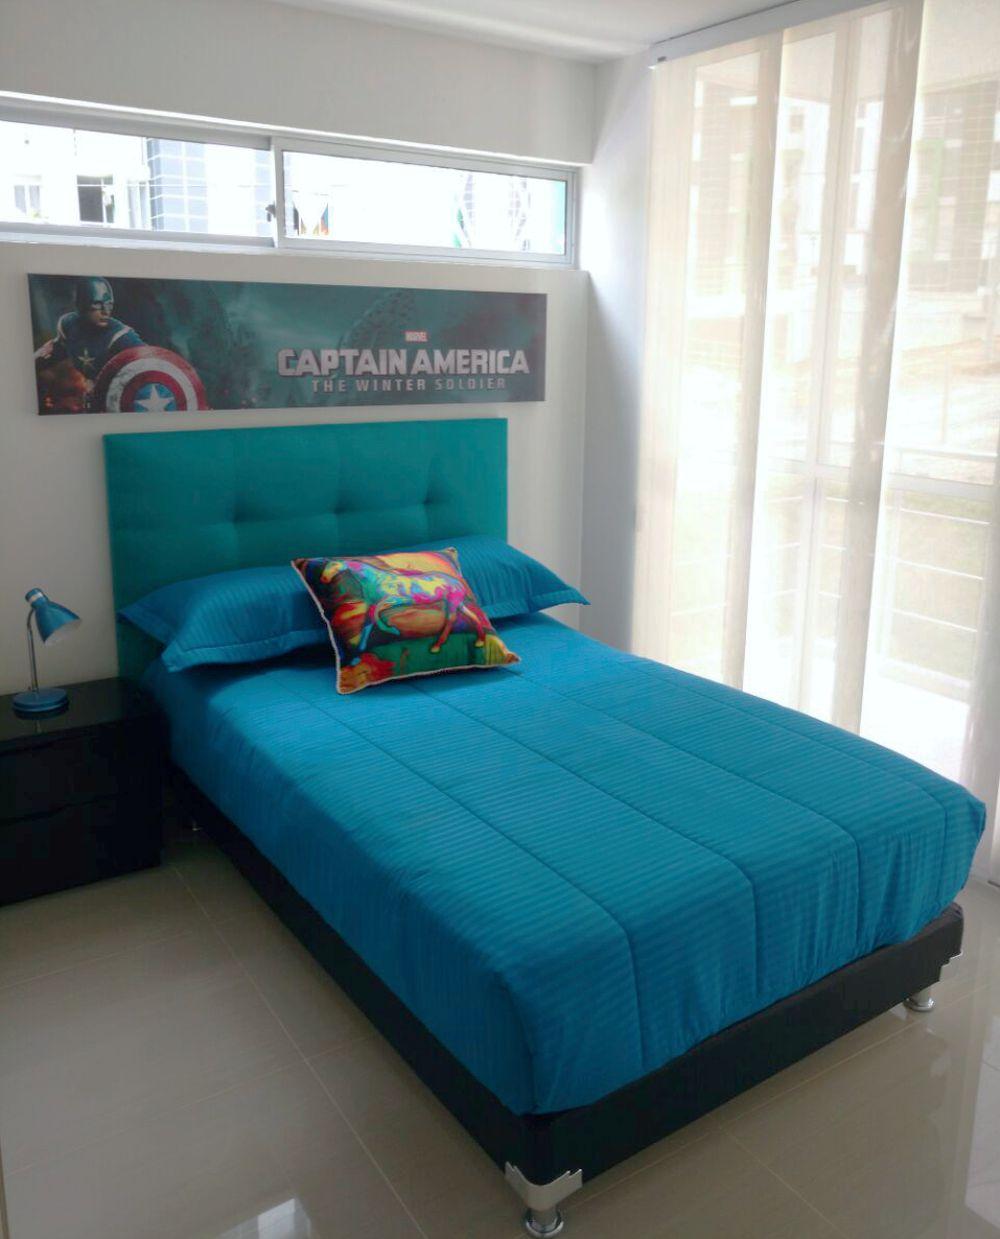 Muebles La Alcoba Zaragoza Trendy Ltimos Proyectos With Muebles  # Muebles Laalcoba